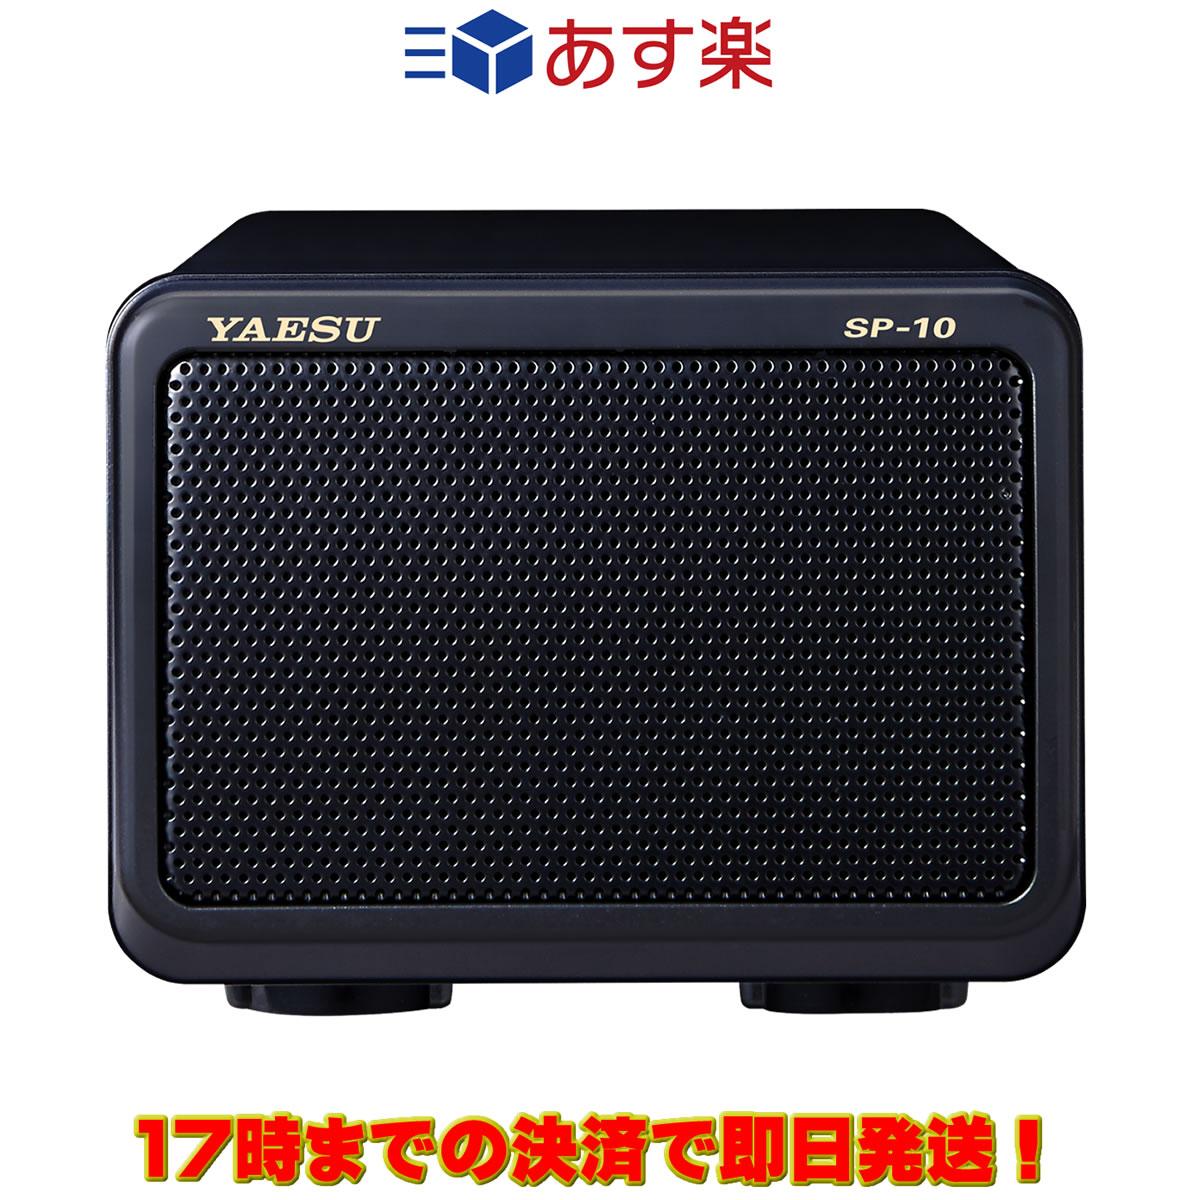 【ラッキーシール対応】 SP-10 八重洲無線 FT991用外部スピーカー